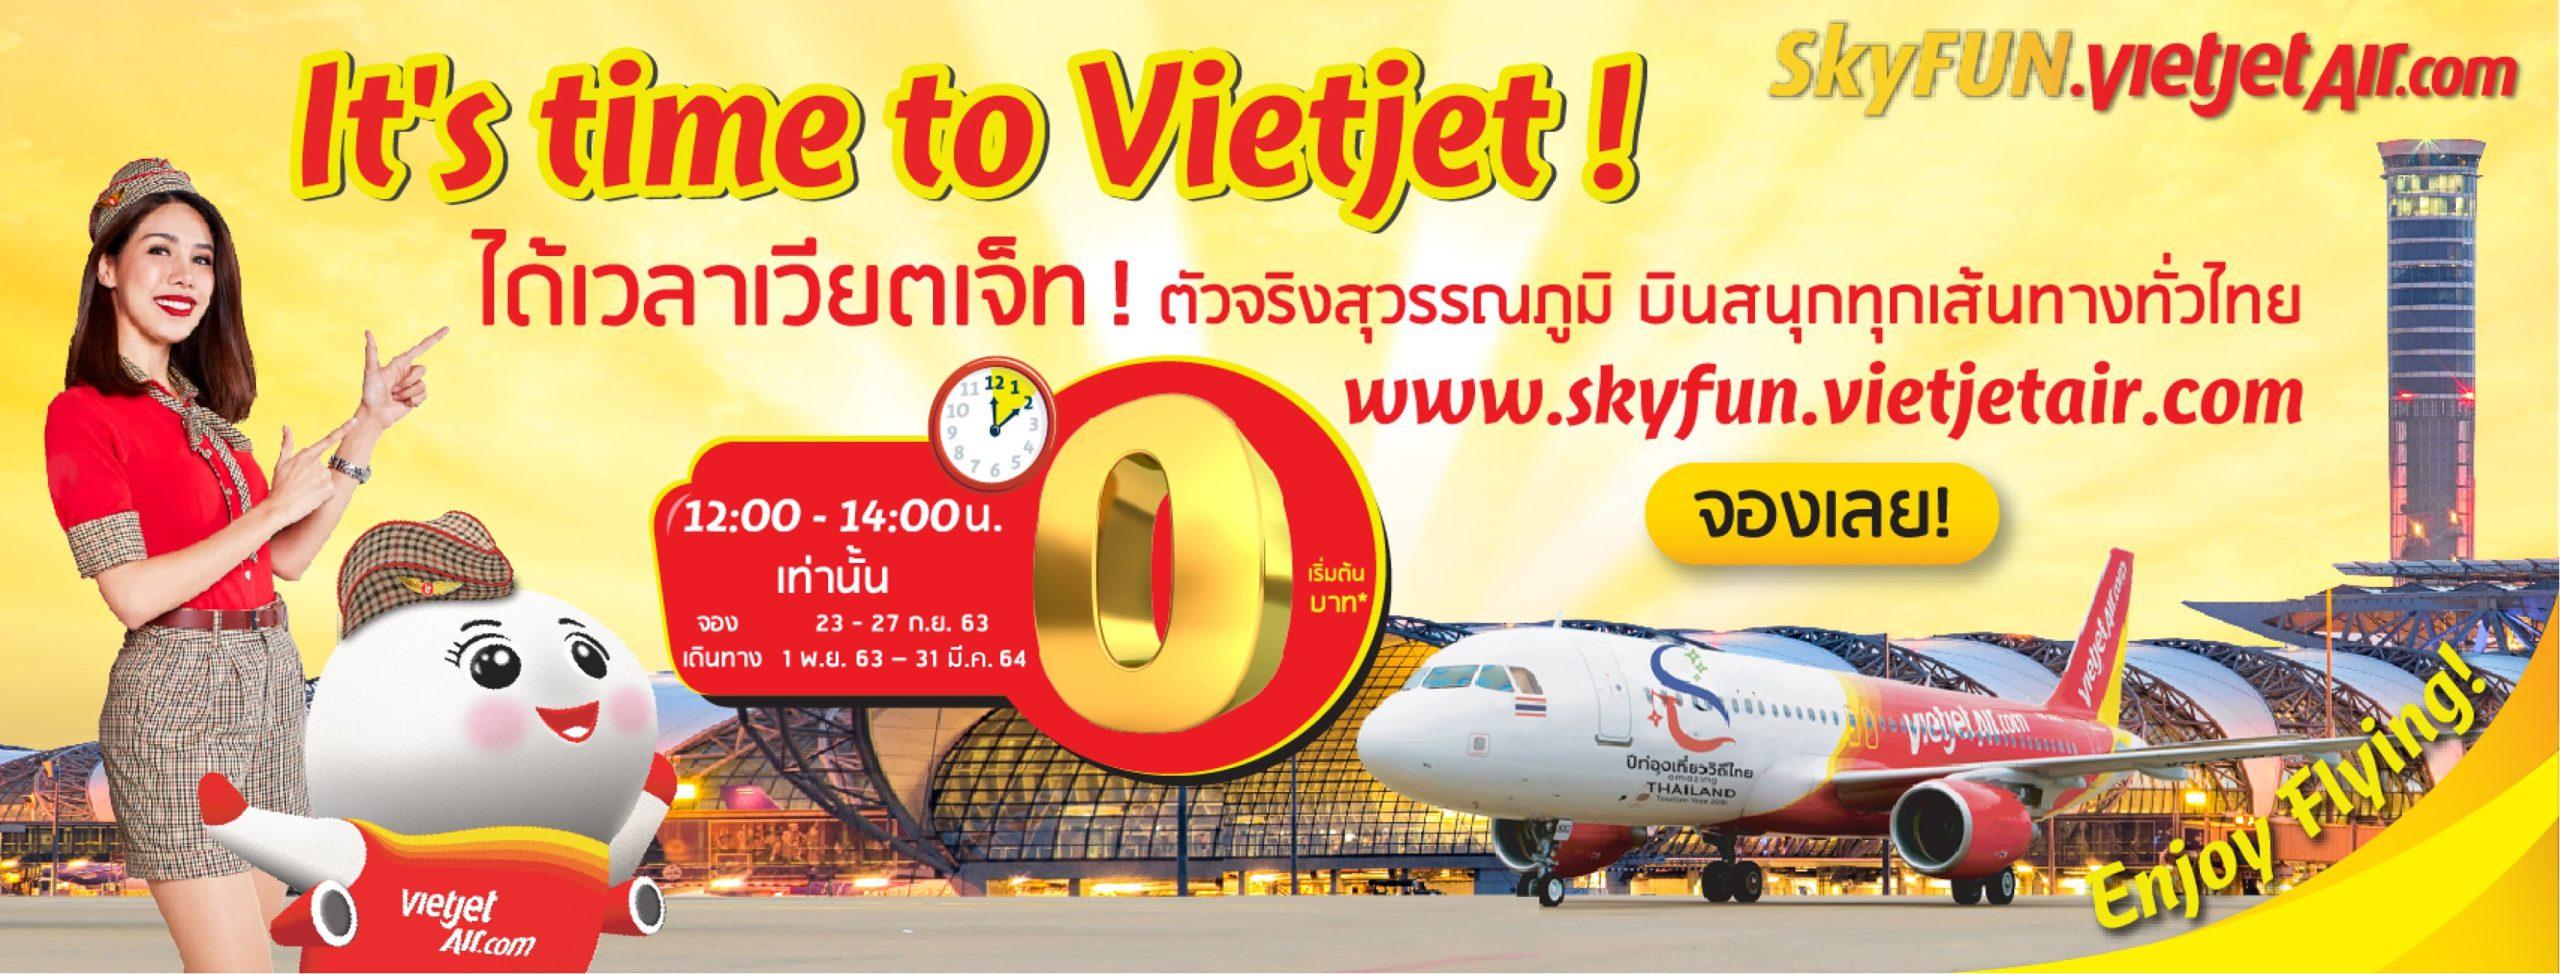 タイ・ベトジェットが0バーツプロモ!9月23日正午から27日まで時間限定